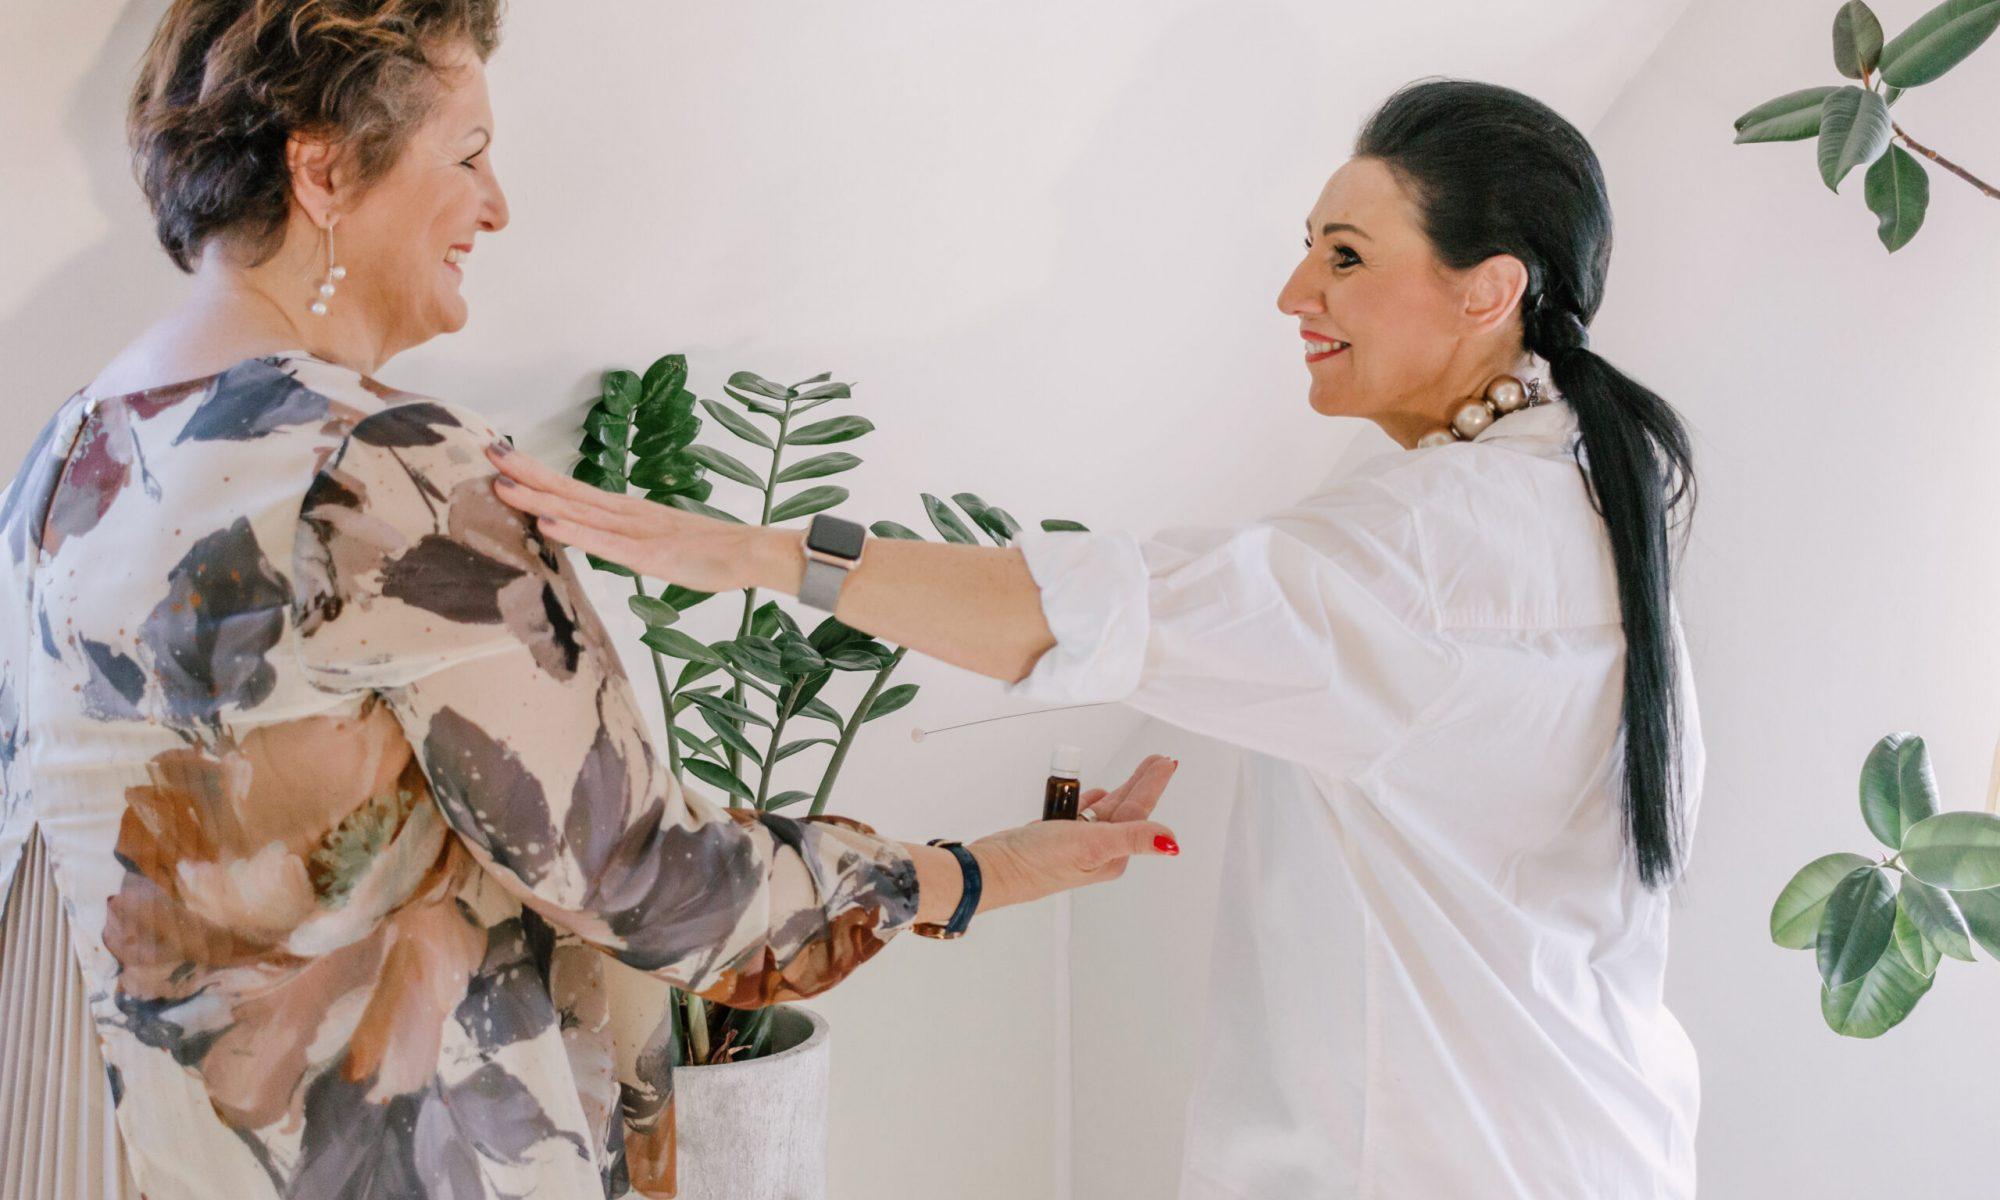 Sonja Simonitsch während der Behandlung